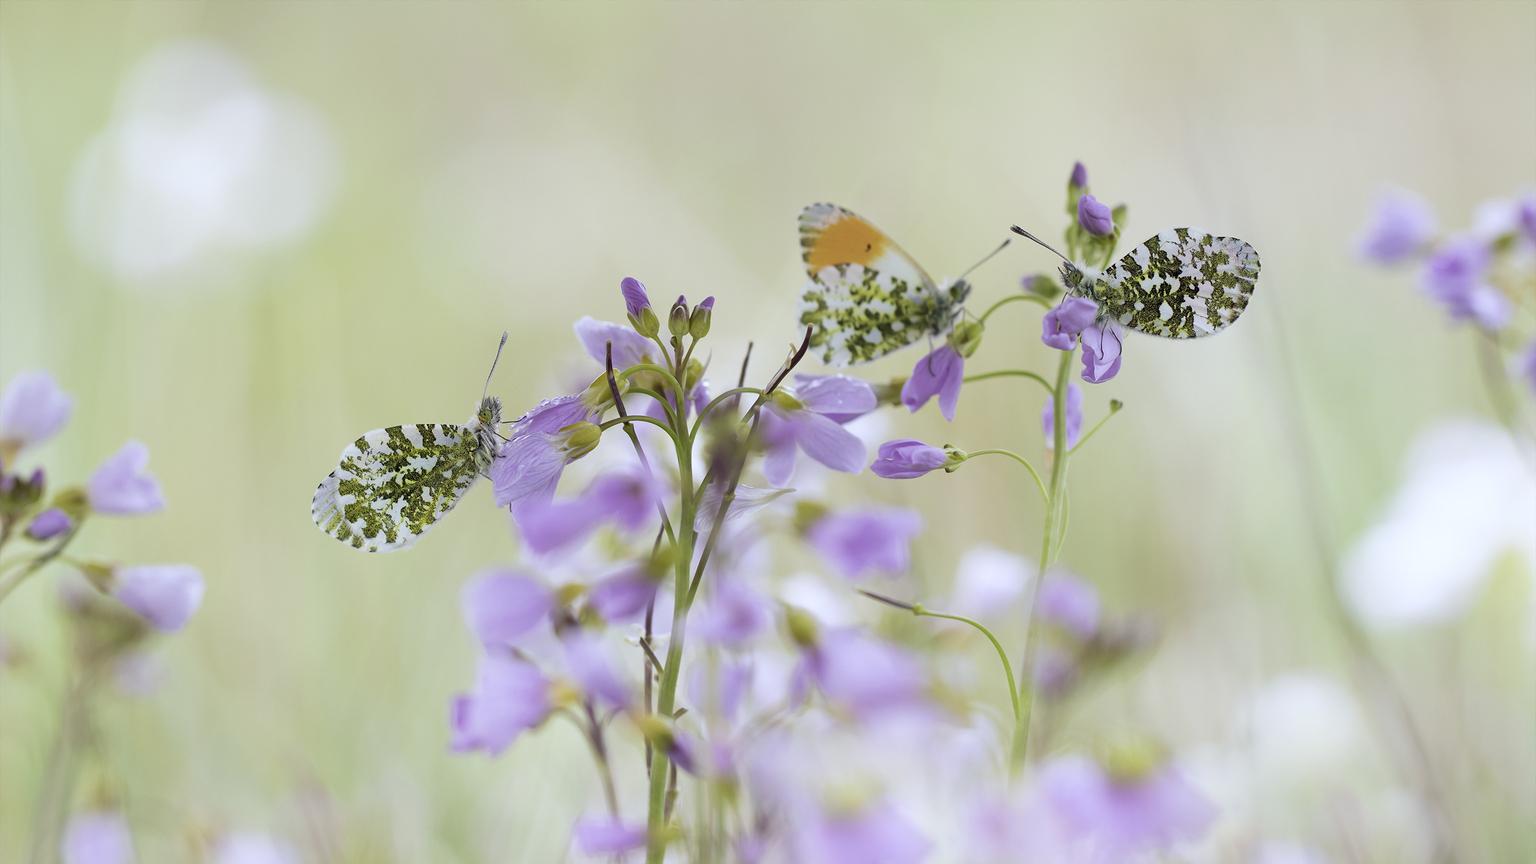 Op een mooie Lentedag  - Zomaar een romantisch tafereeltje. Twee oranjetip mannetjes en een vrouwtje op een mooie lentemorgen met zacht licht. - foto door daan de vos op 04-05-2021 - locatie: Breda, Nederland - deze foto bevat: oranjetipje, oranjetipjes, pastel, pinksterbloemen, macro, natuur, voorjar, lente, roze, oranje, bloem, fabriek, bestuiver, insect, vlinder, geleedpotigen, purper, motten en vlinders, organisme, paars